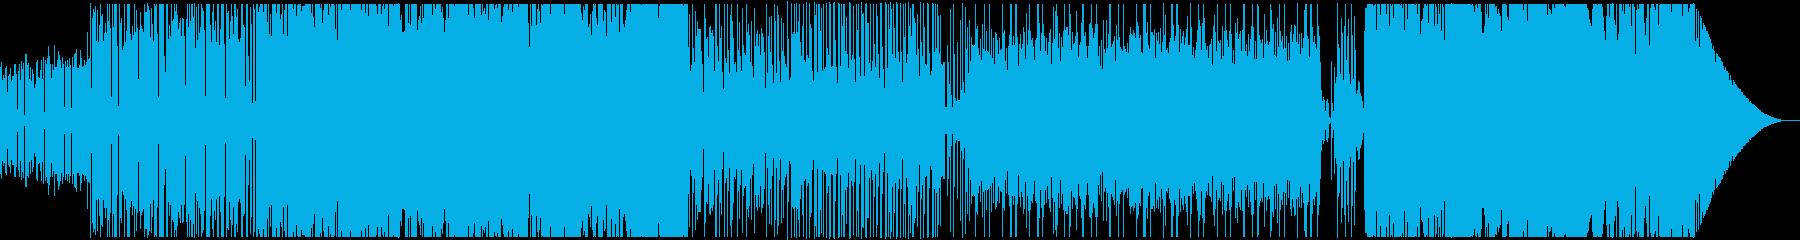 レトロな雰囲気の変拍子戦闘曲の再生済みの波形